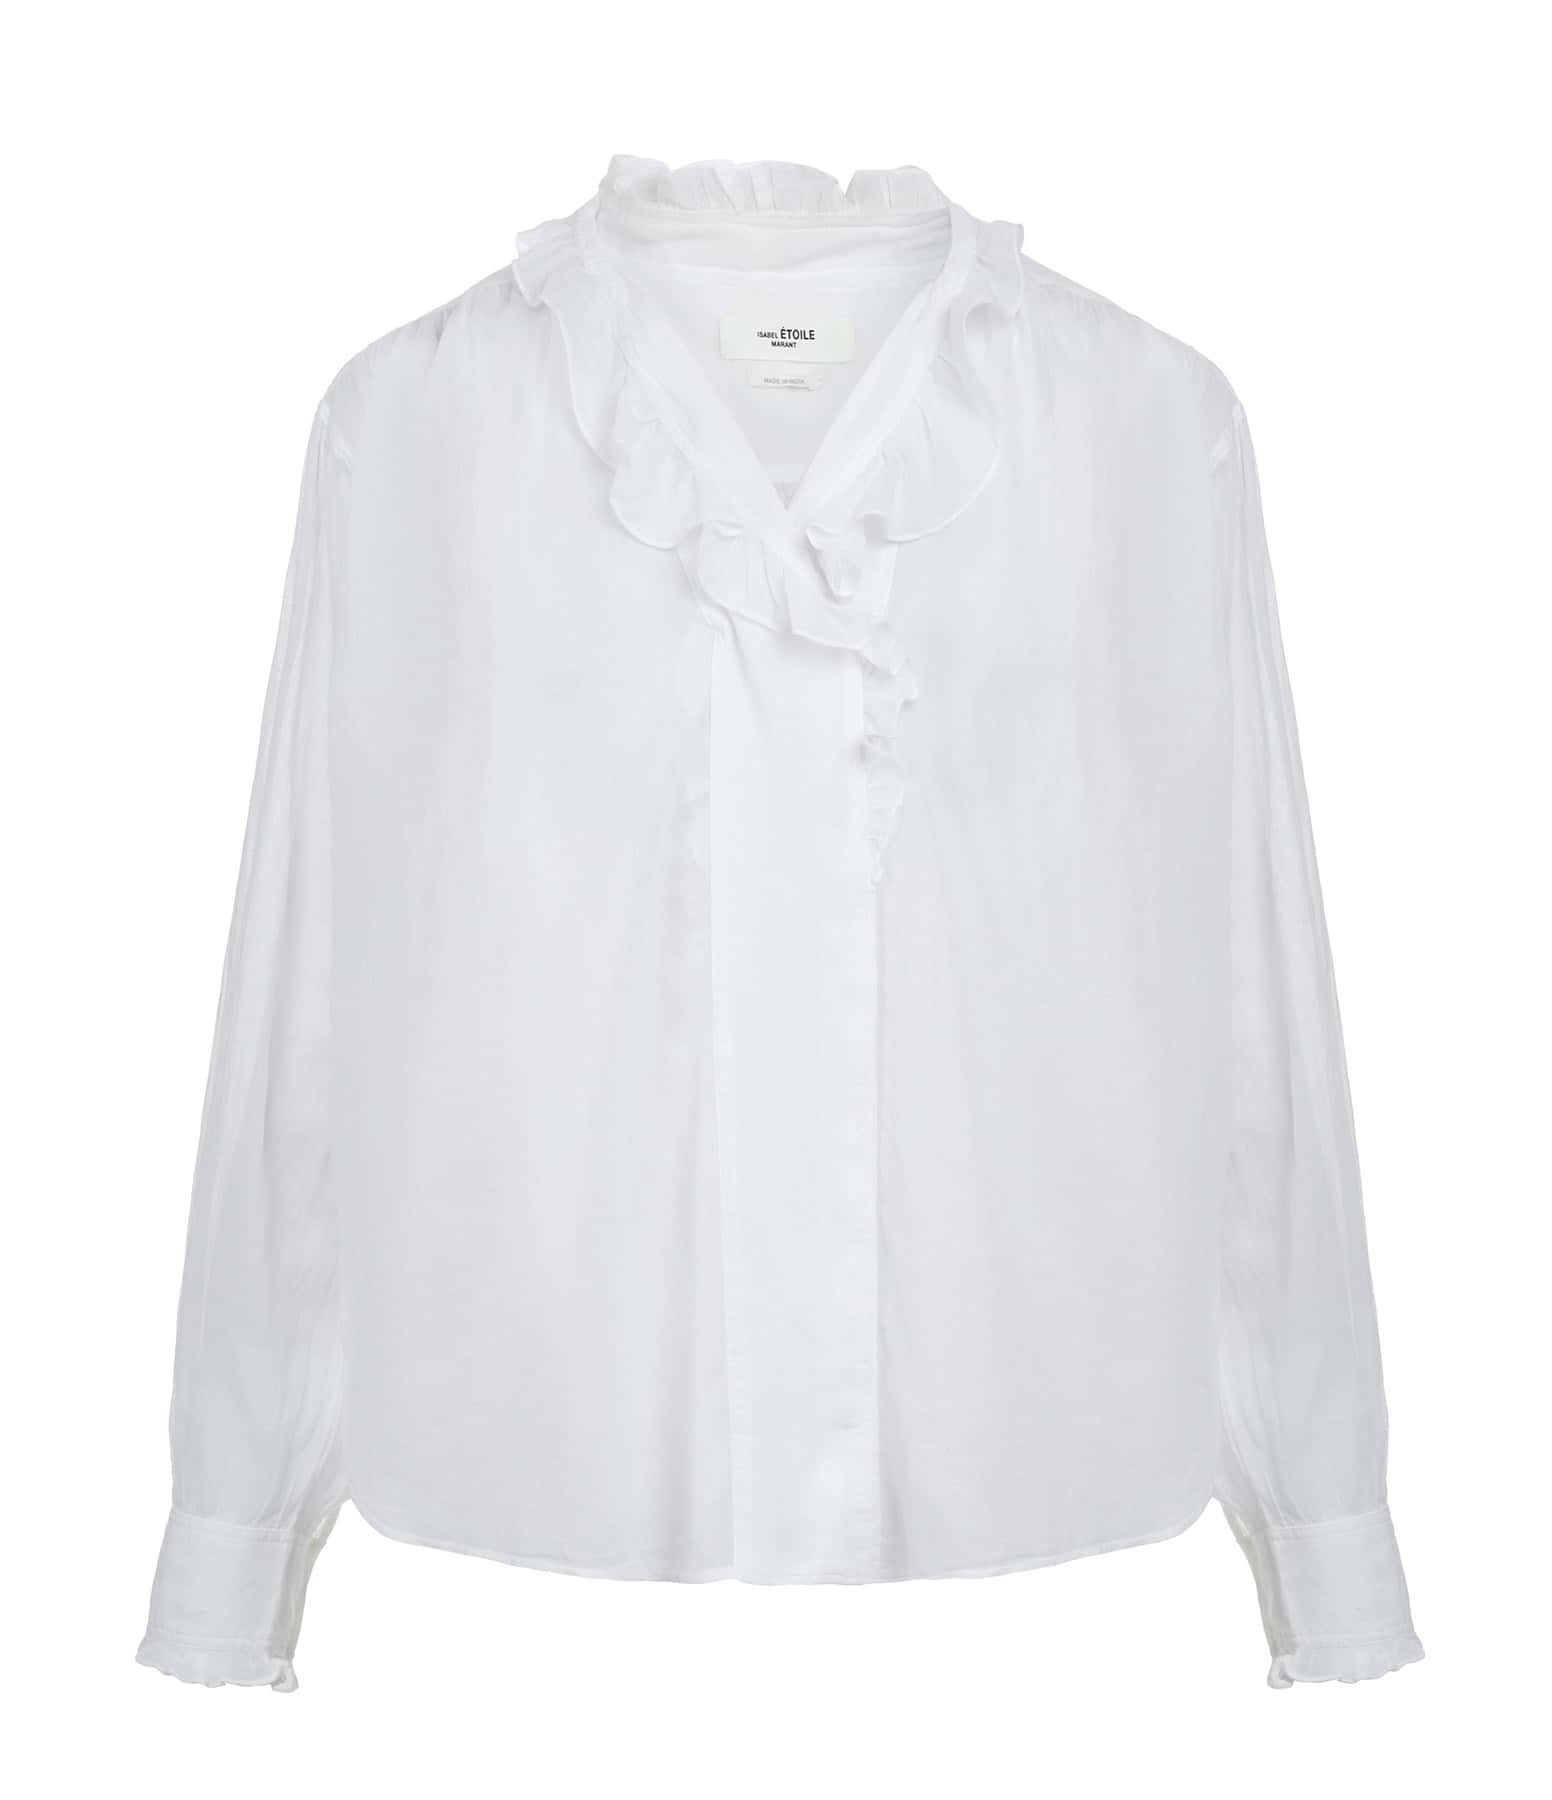 ISABEL MARANT ÉTOILE - Blouse Pamias Coton Blanc